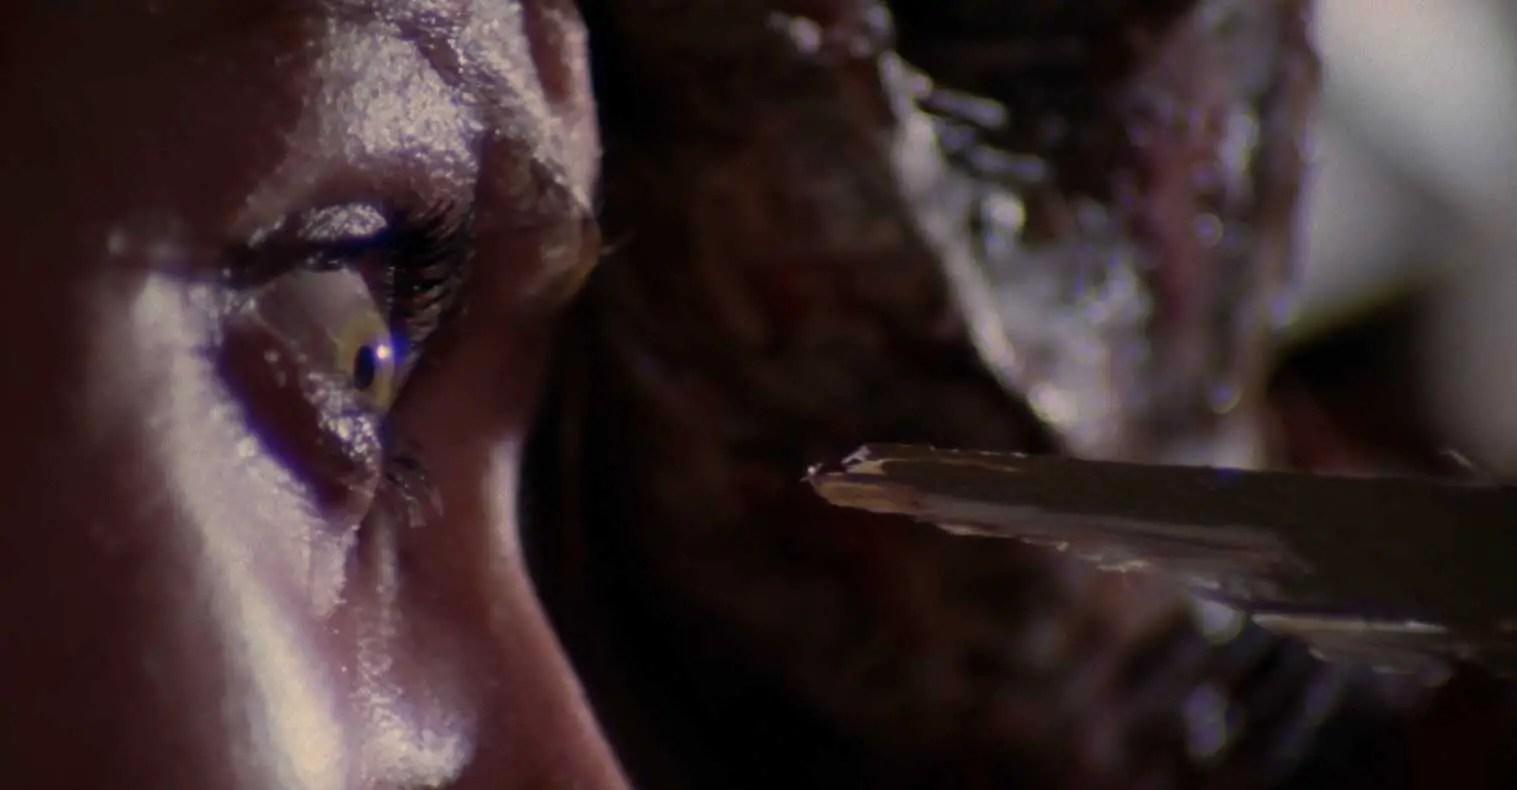 What Lucio Fulci's 'Zombie' can teach modern horror movies